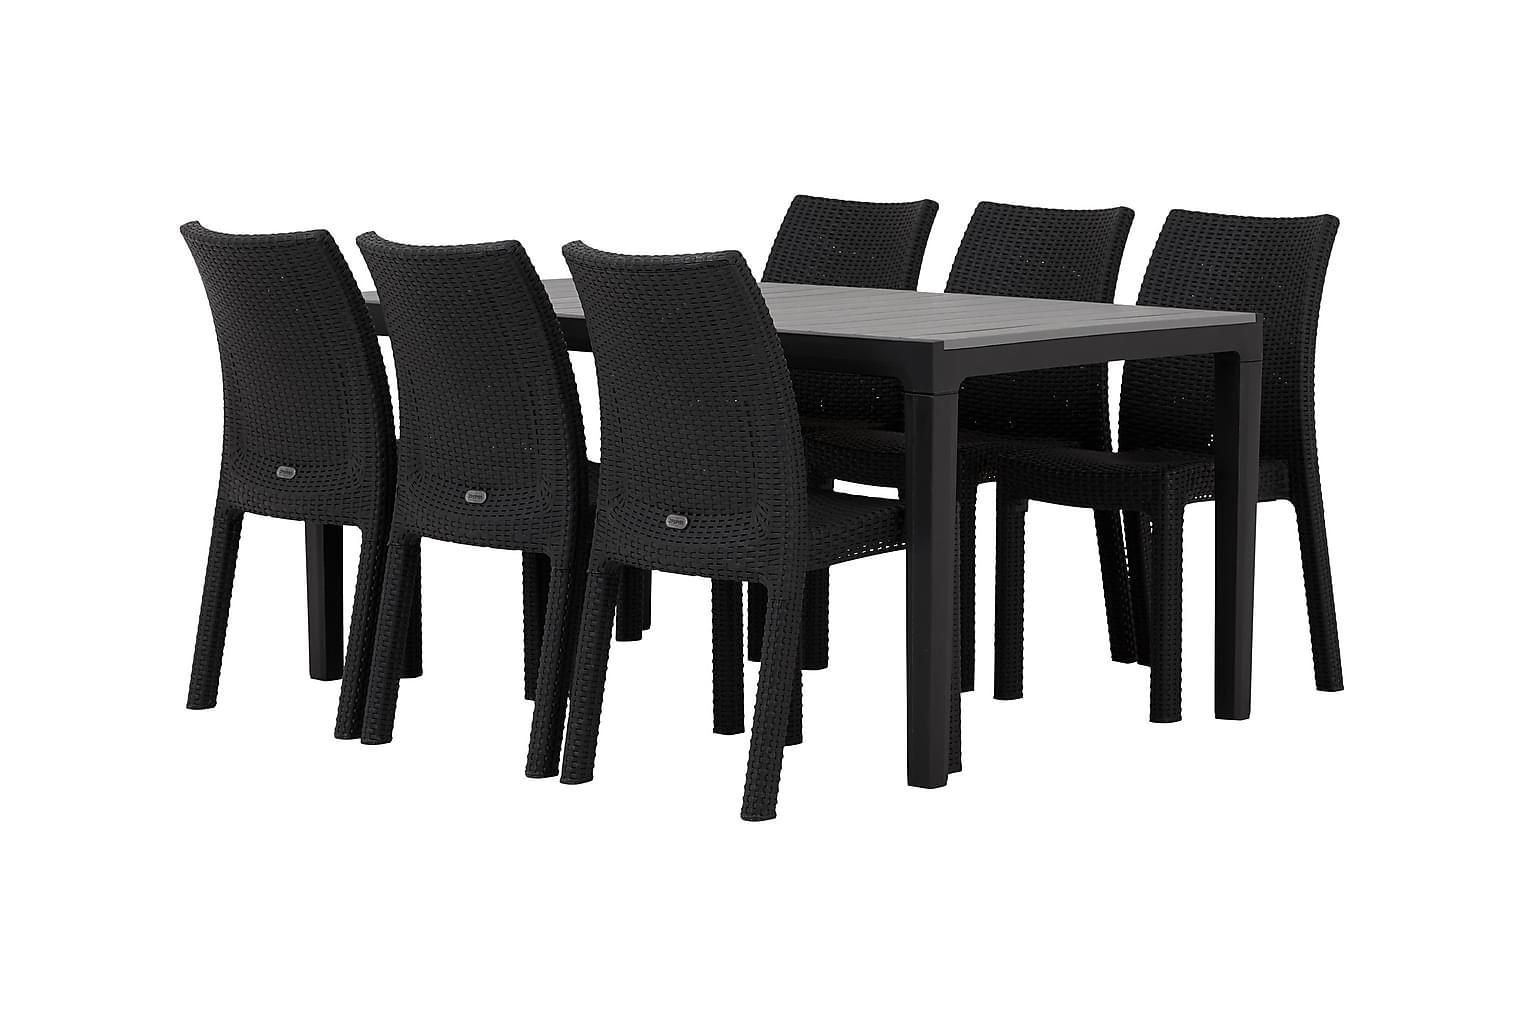 BILBAO Pöytä 160 Harmaa/Musta + 6 DREW Tuolia Musta